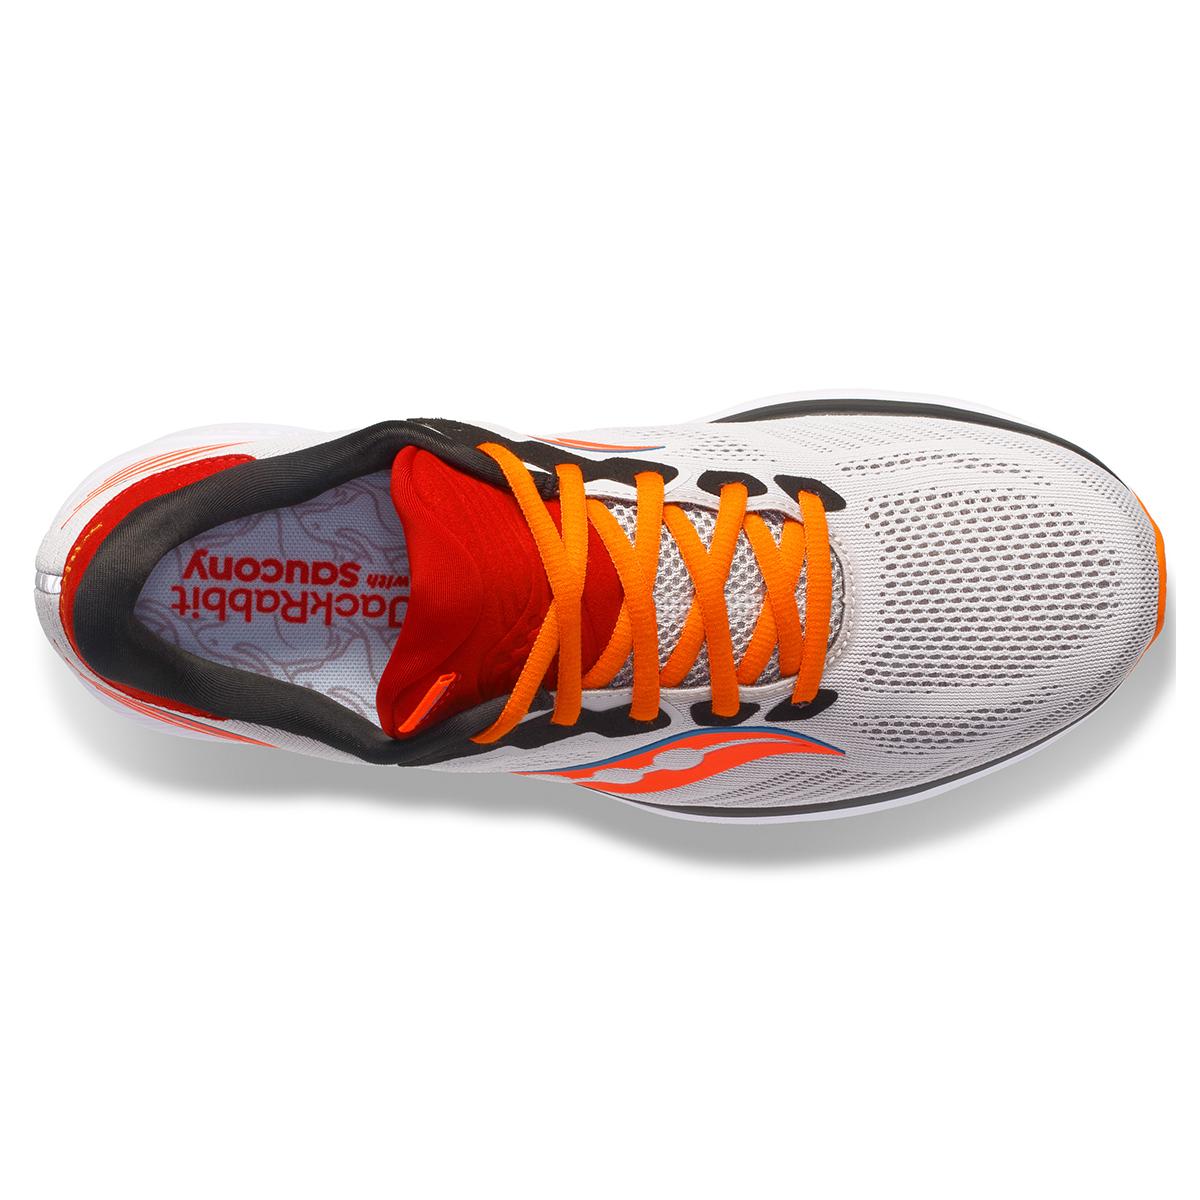 Men's Saucony Ride 14 Running Shoe - Color: Jackalope - Size: 7 - Width: Regular, Jackalope, large, image 4